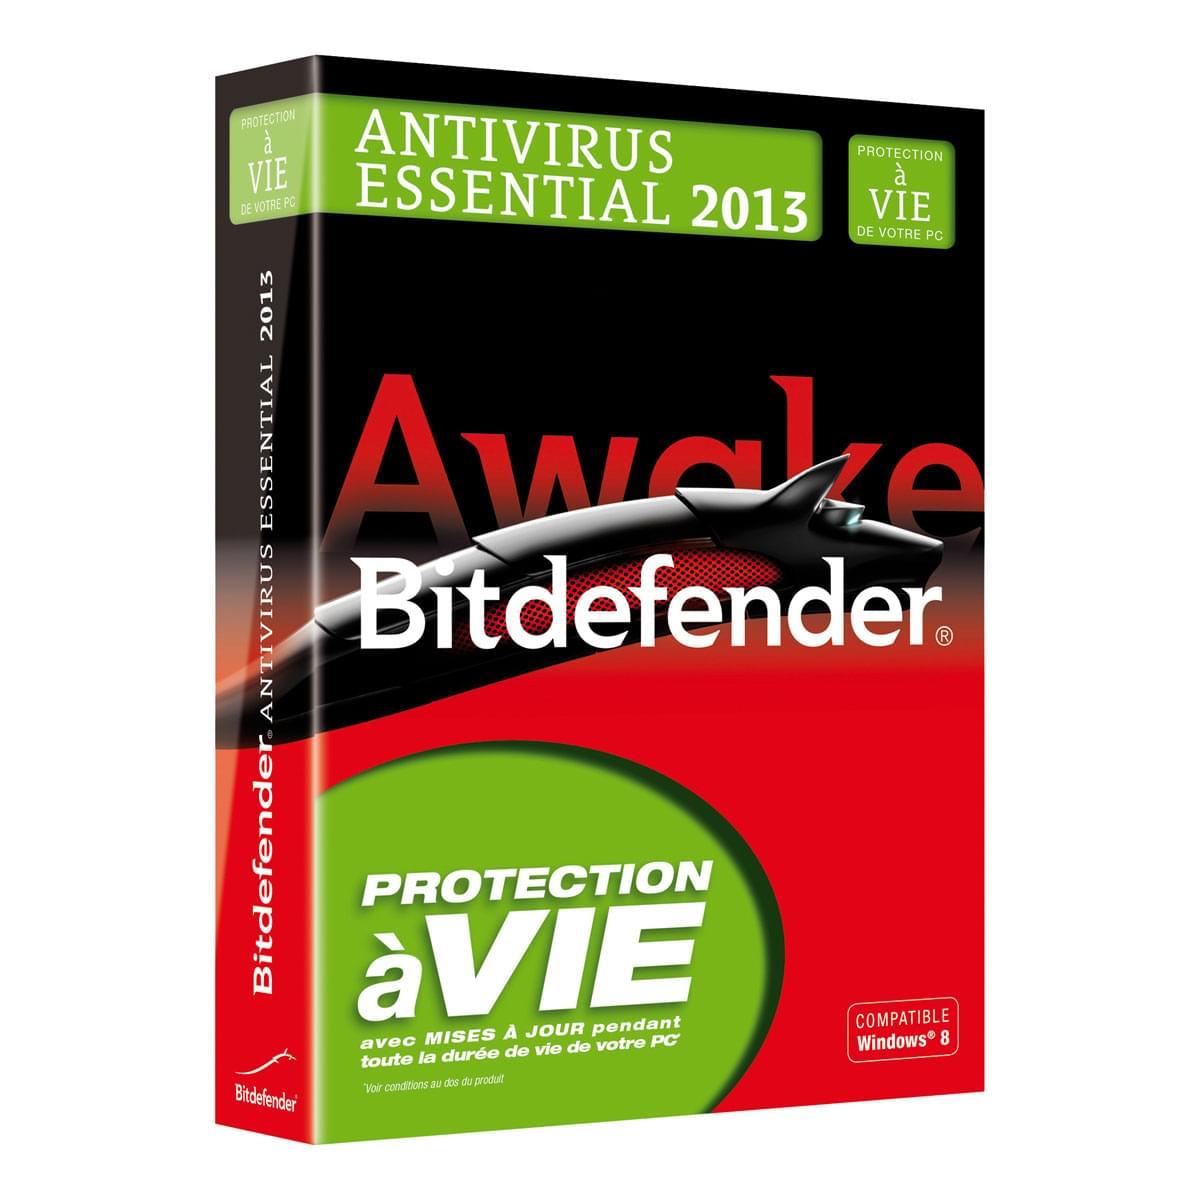 Bitdefender Essential 2013 (B-FBDAVE3WIP001) - Achat / Vente Logiciel sécurité sur Cybertek.fr - 0